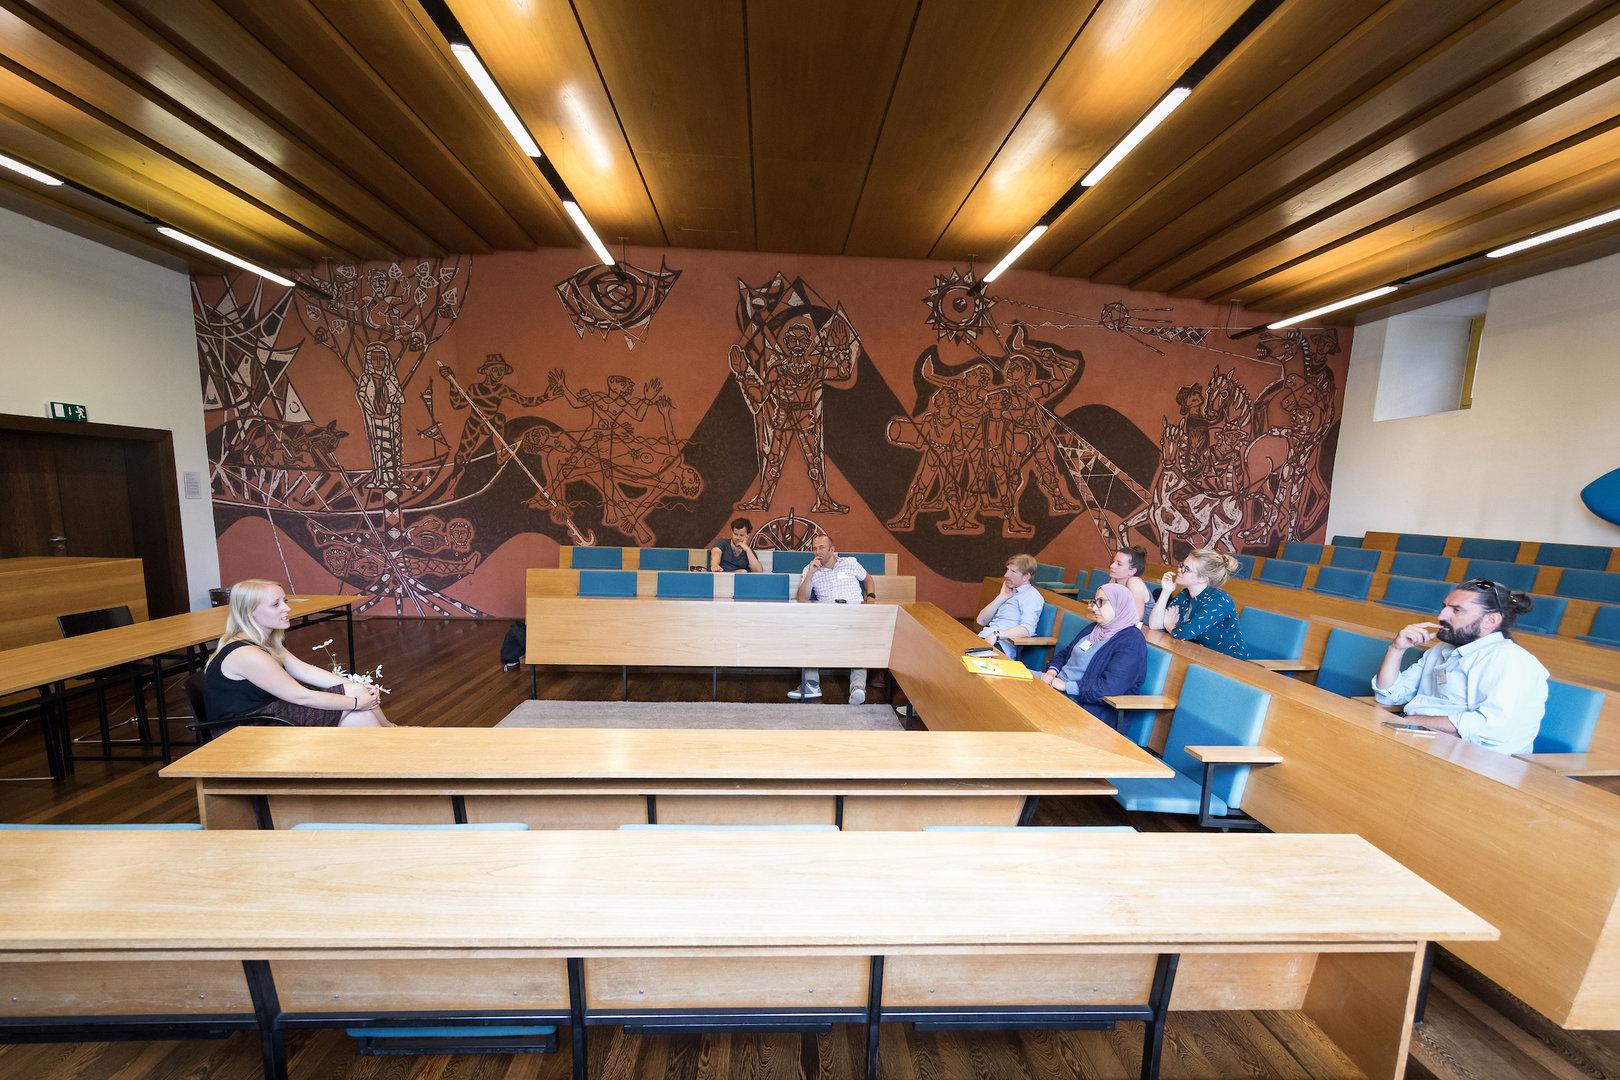 Sprechende Bilder: Die Wandbilder erzählen Solothurner Geschichte.